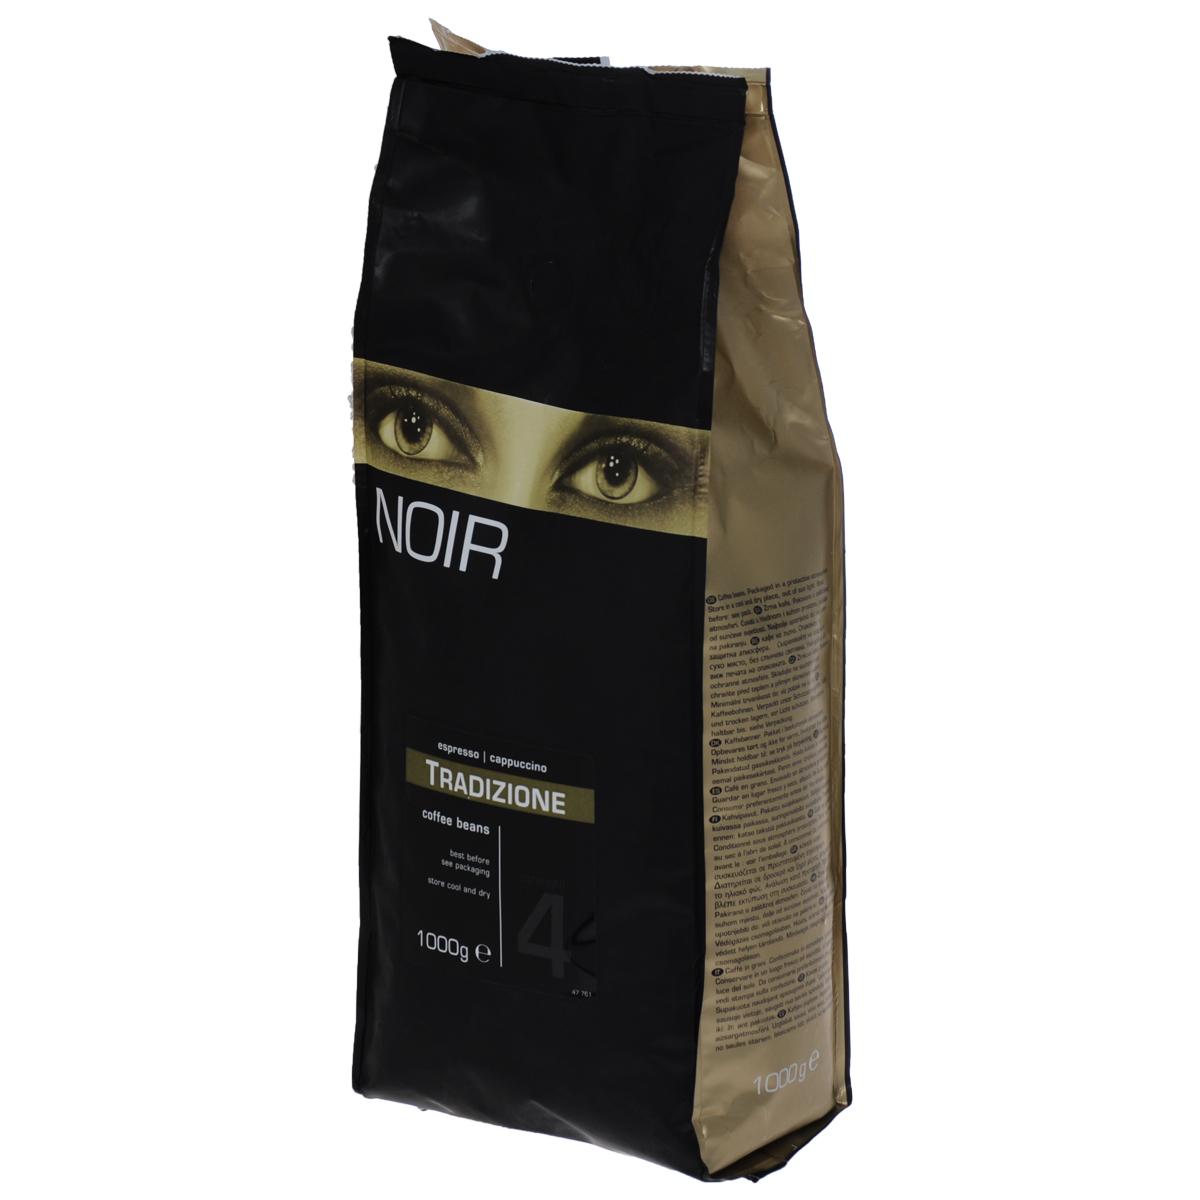 Noir Tradizion кофе в зернах, 1 кг8714858476635Noir Tradizion - богатый, насыщенный темно-обжаренный кофе. Теплые пряные ароматы дополняют изумительный вкус. Tradizione – это настоящая классика.